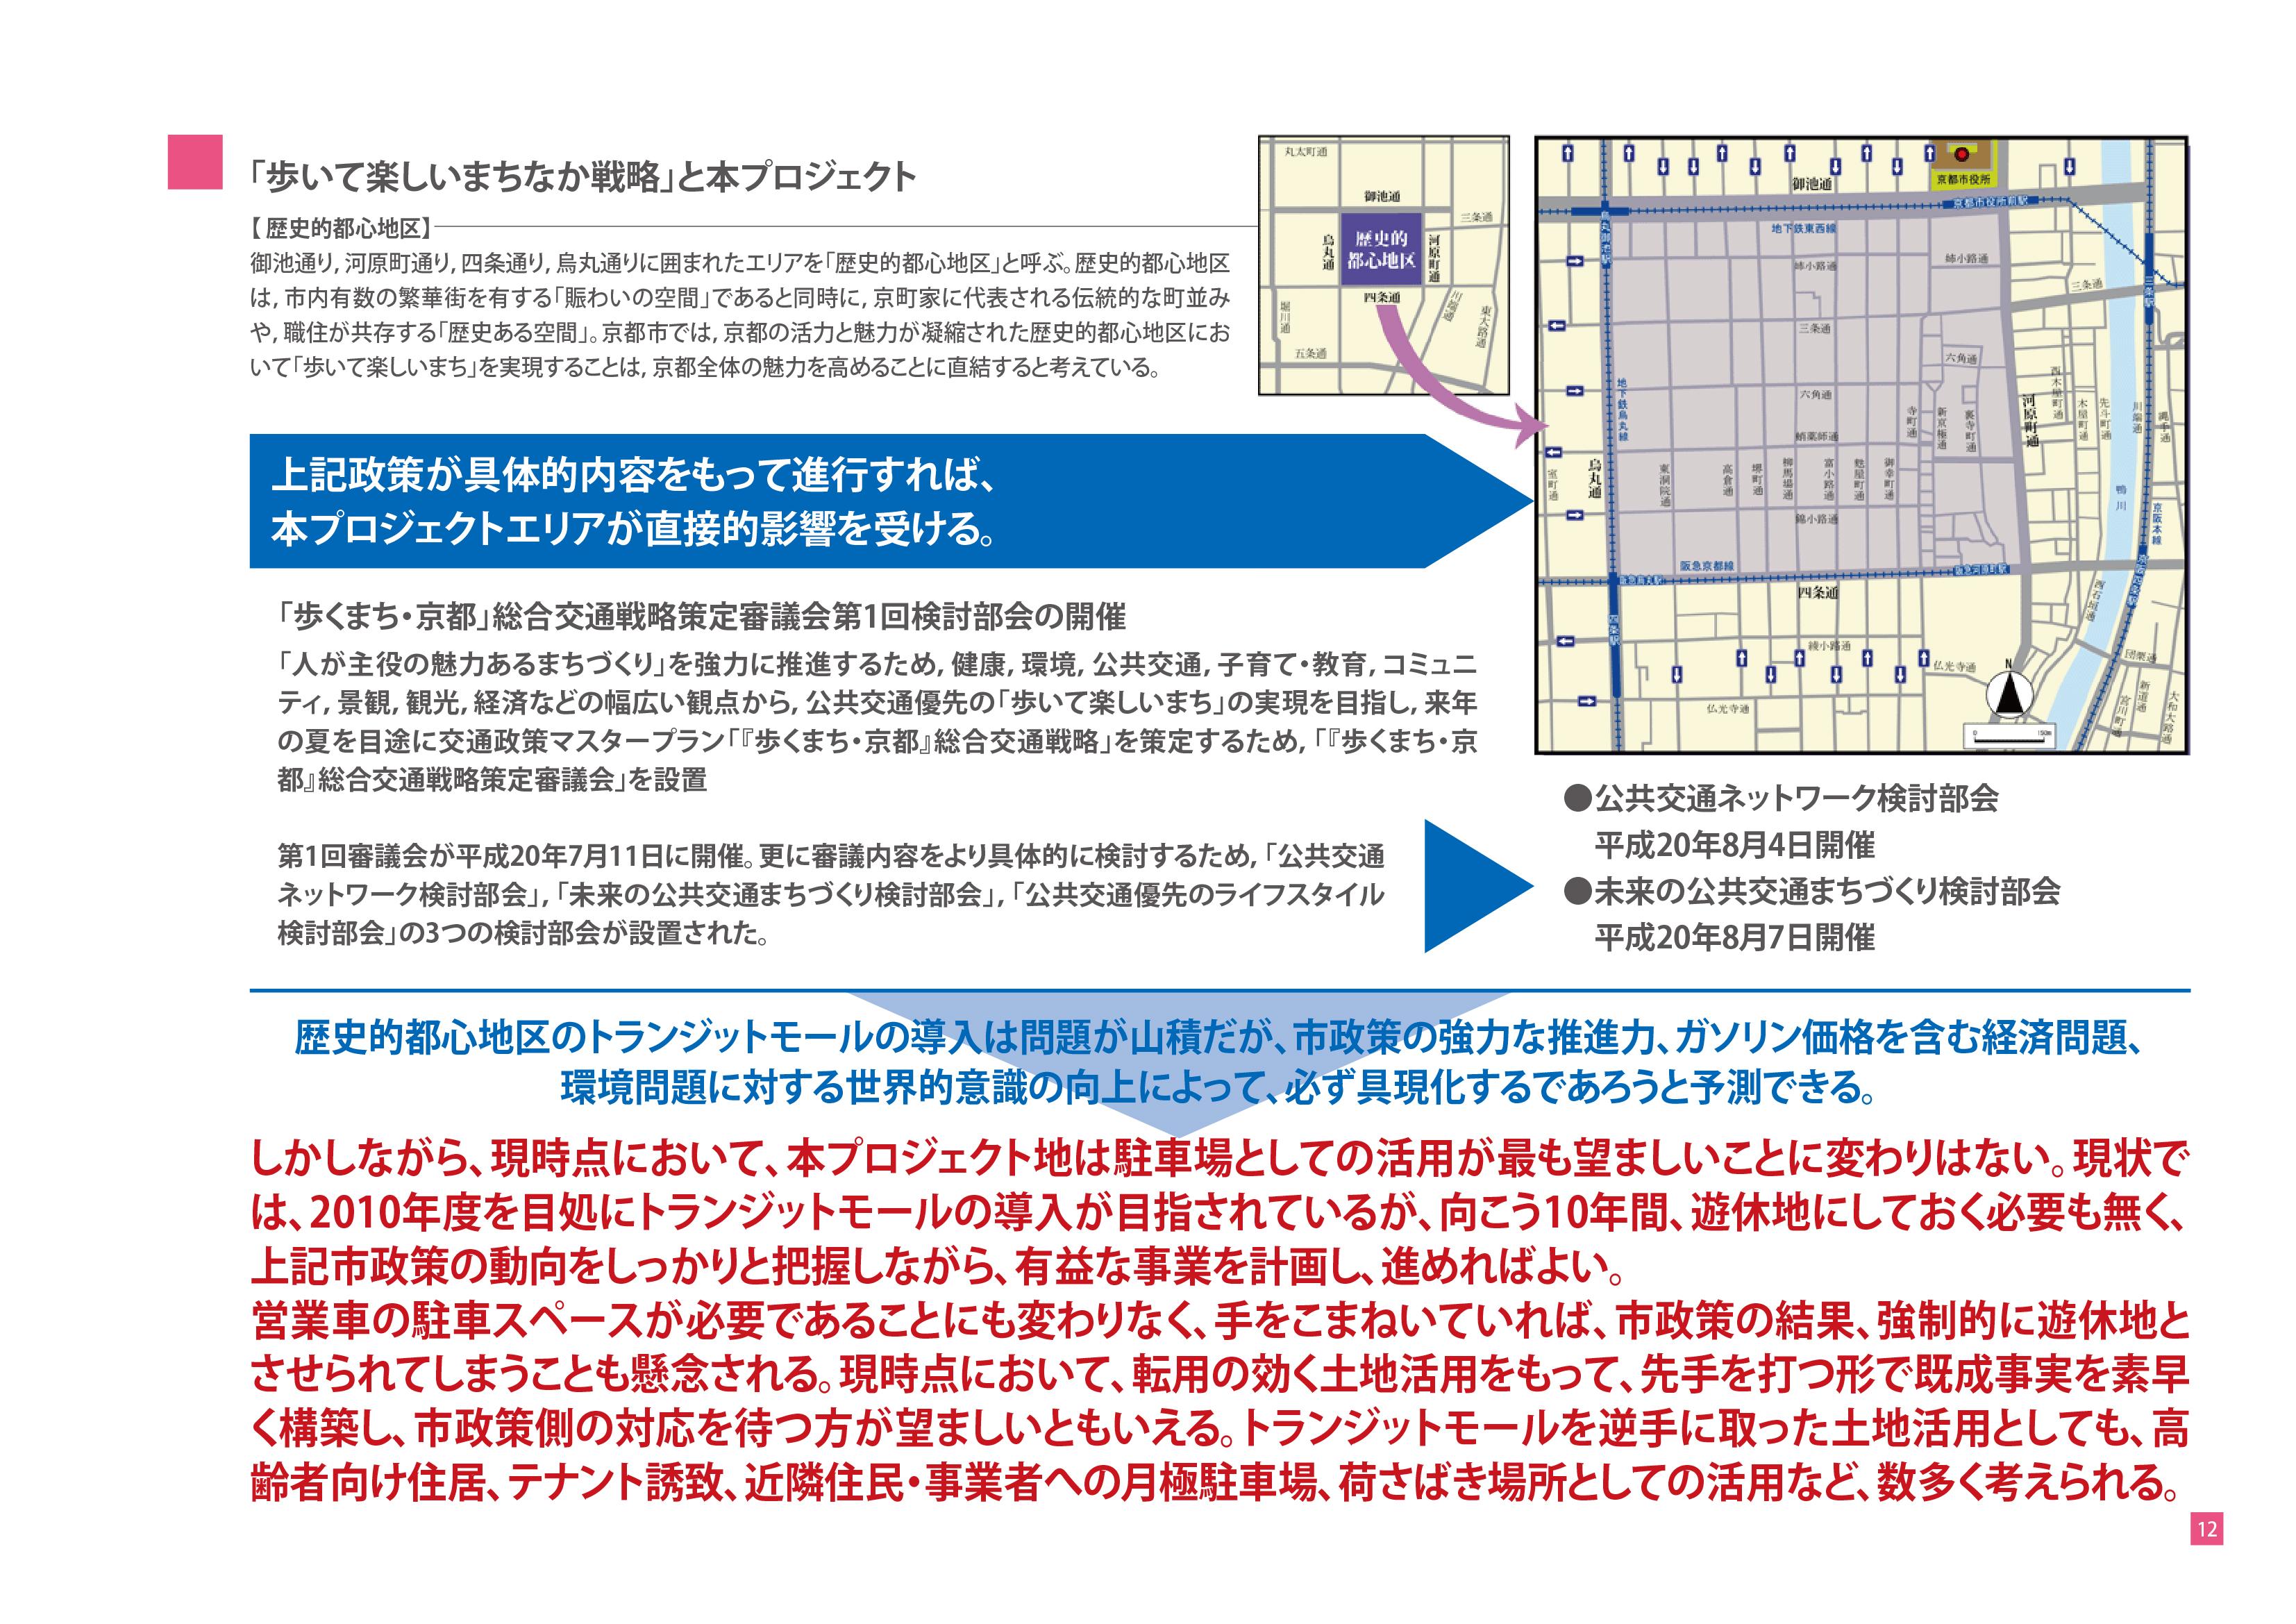 土地有効活用プロジェクト-駐車場経営のご提案-「歩いて楽しいまちなか戦略」と本プロジェクト